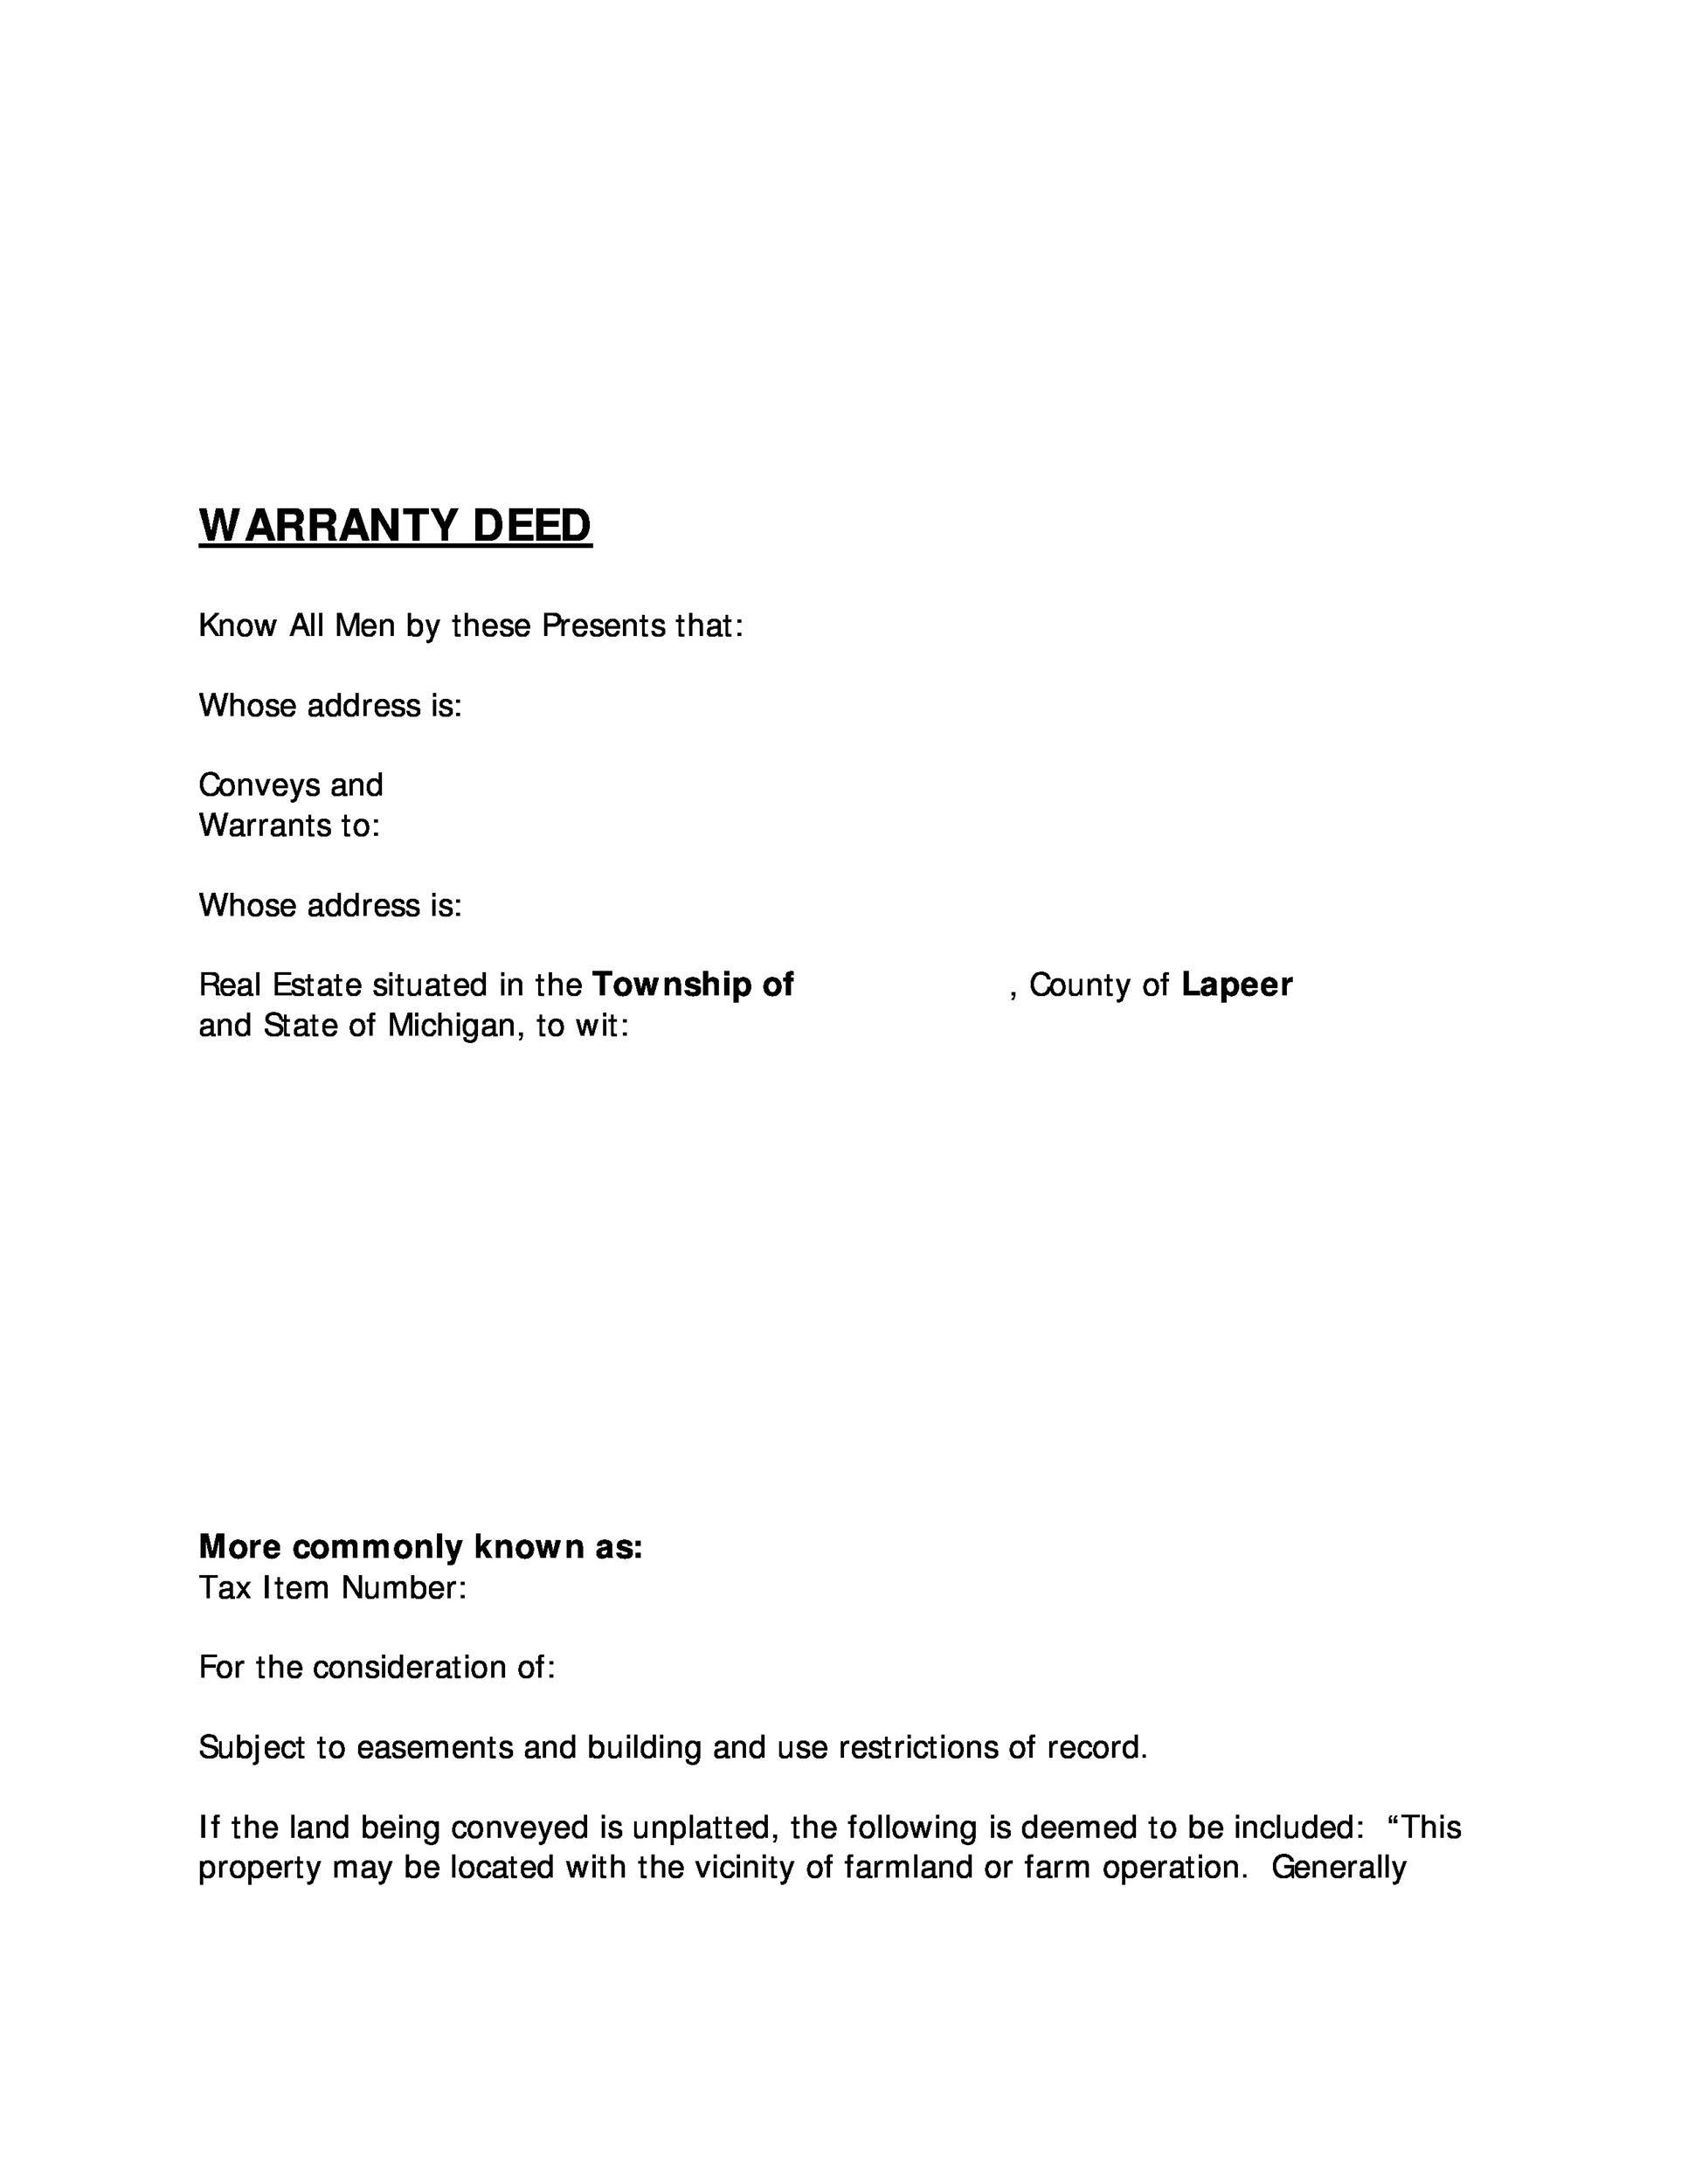 Free Warranty deed template 01